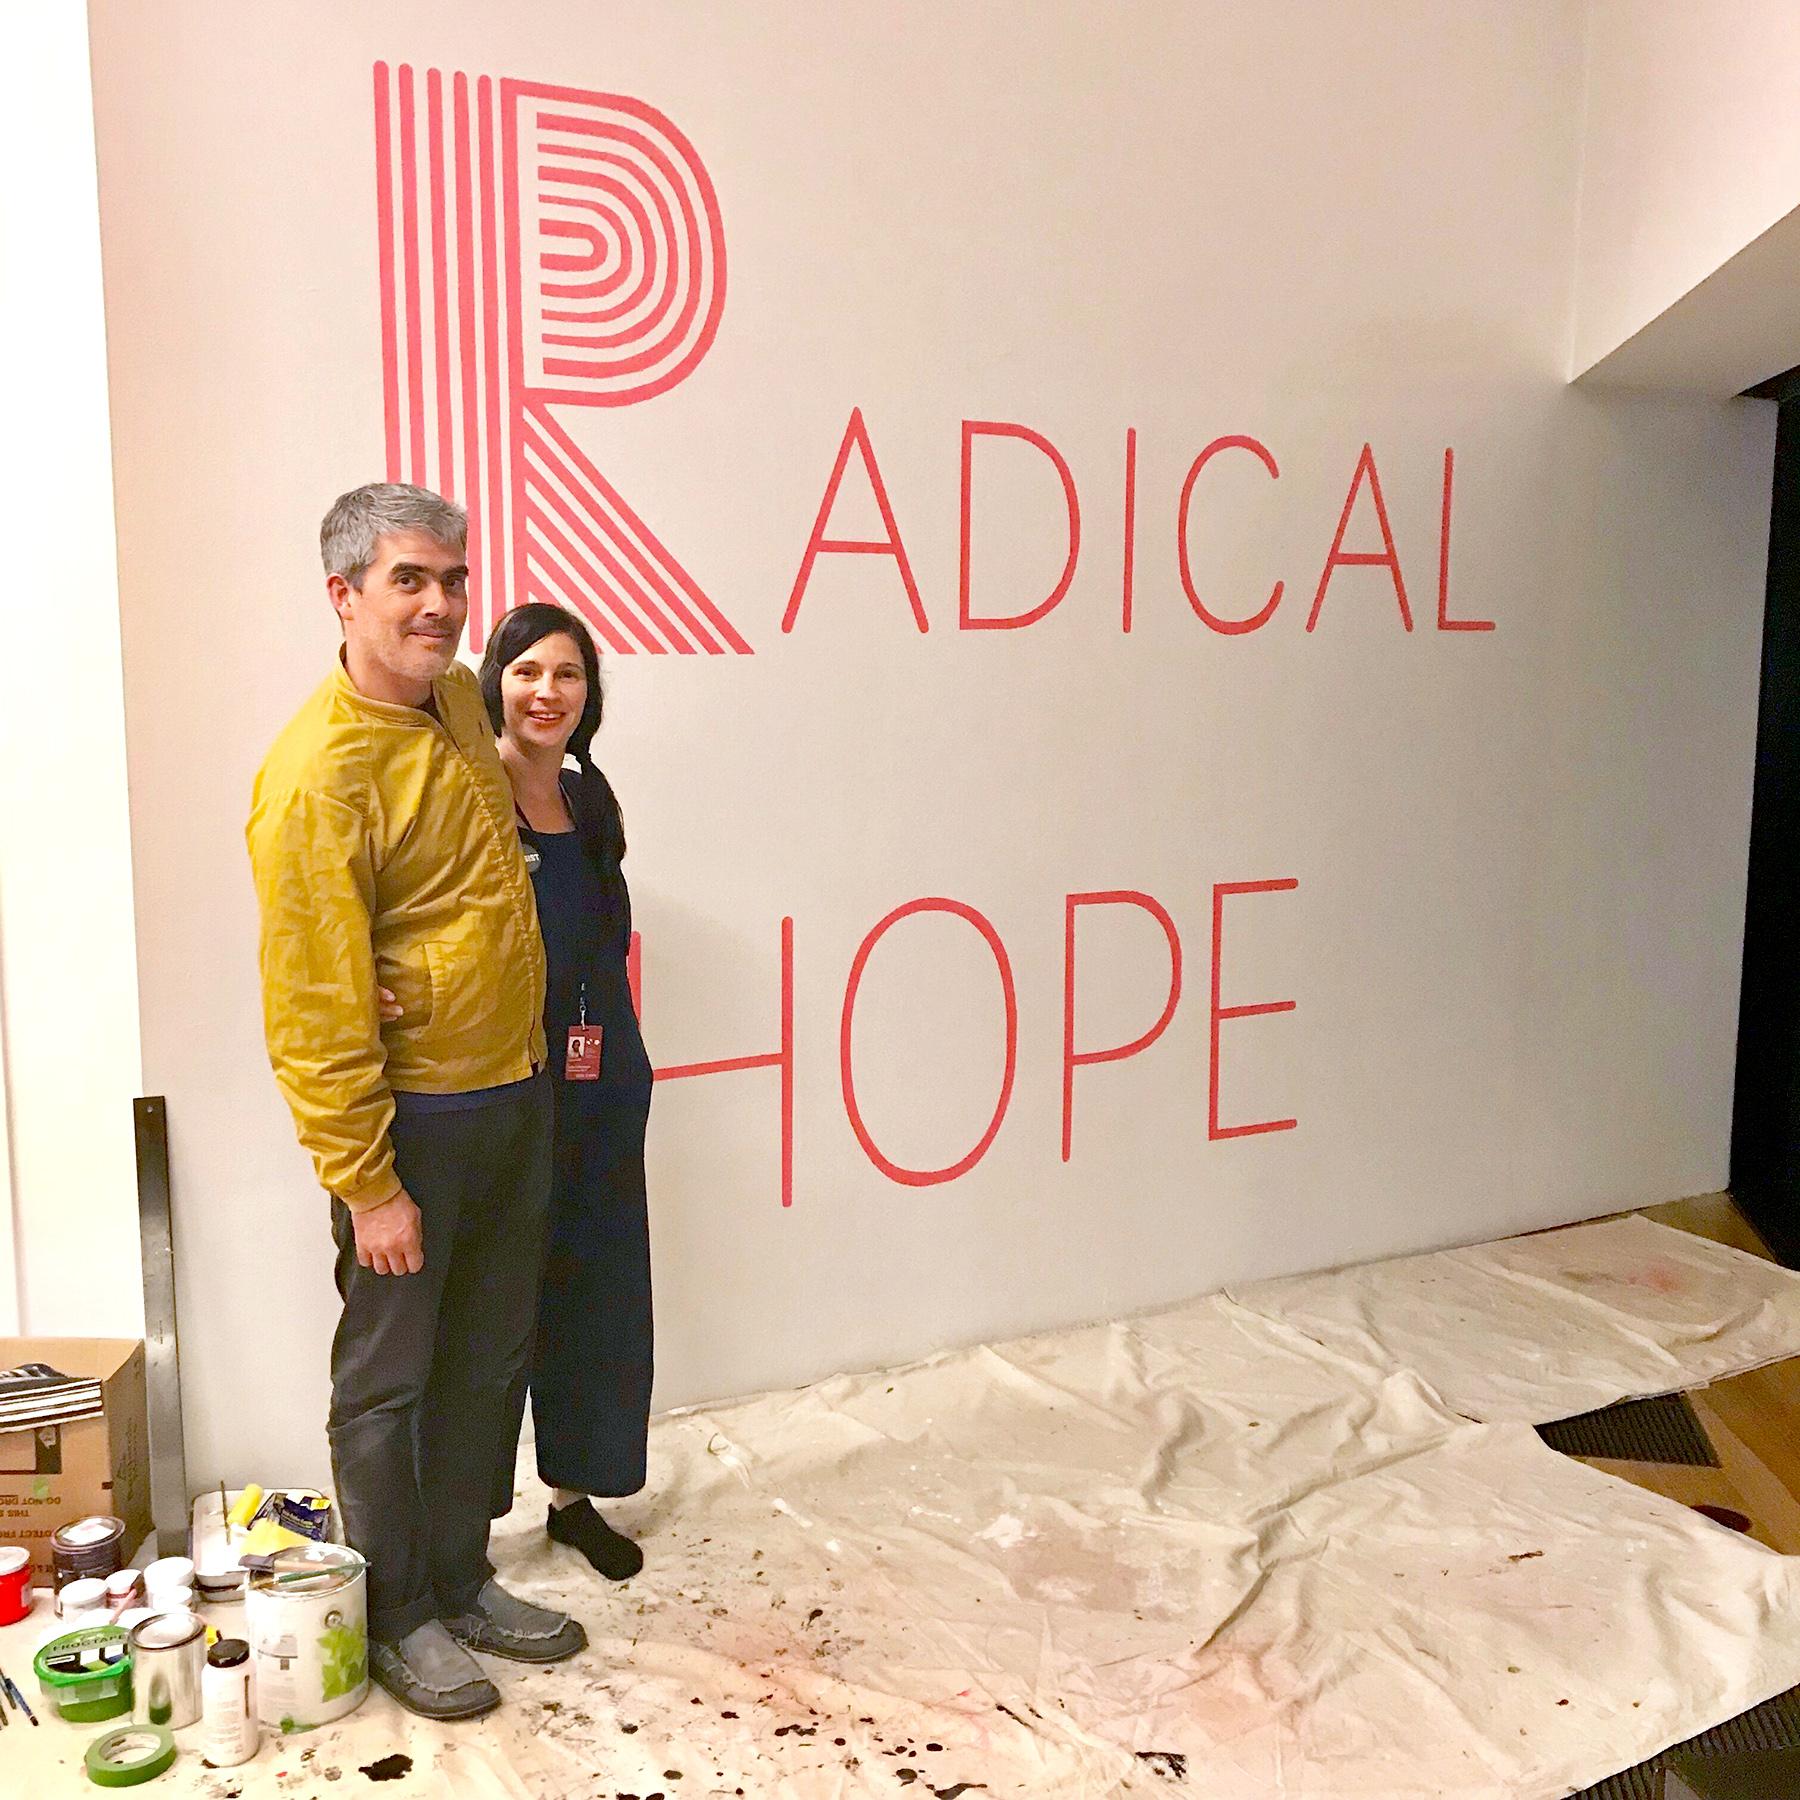 RadicalHope_mural.JPG